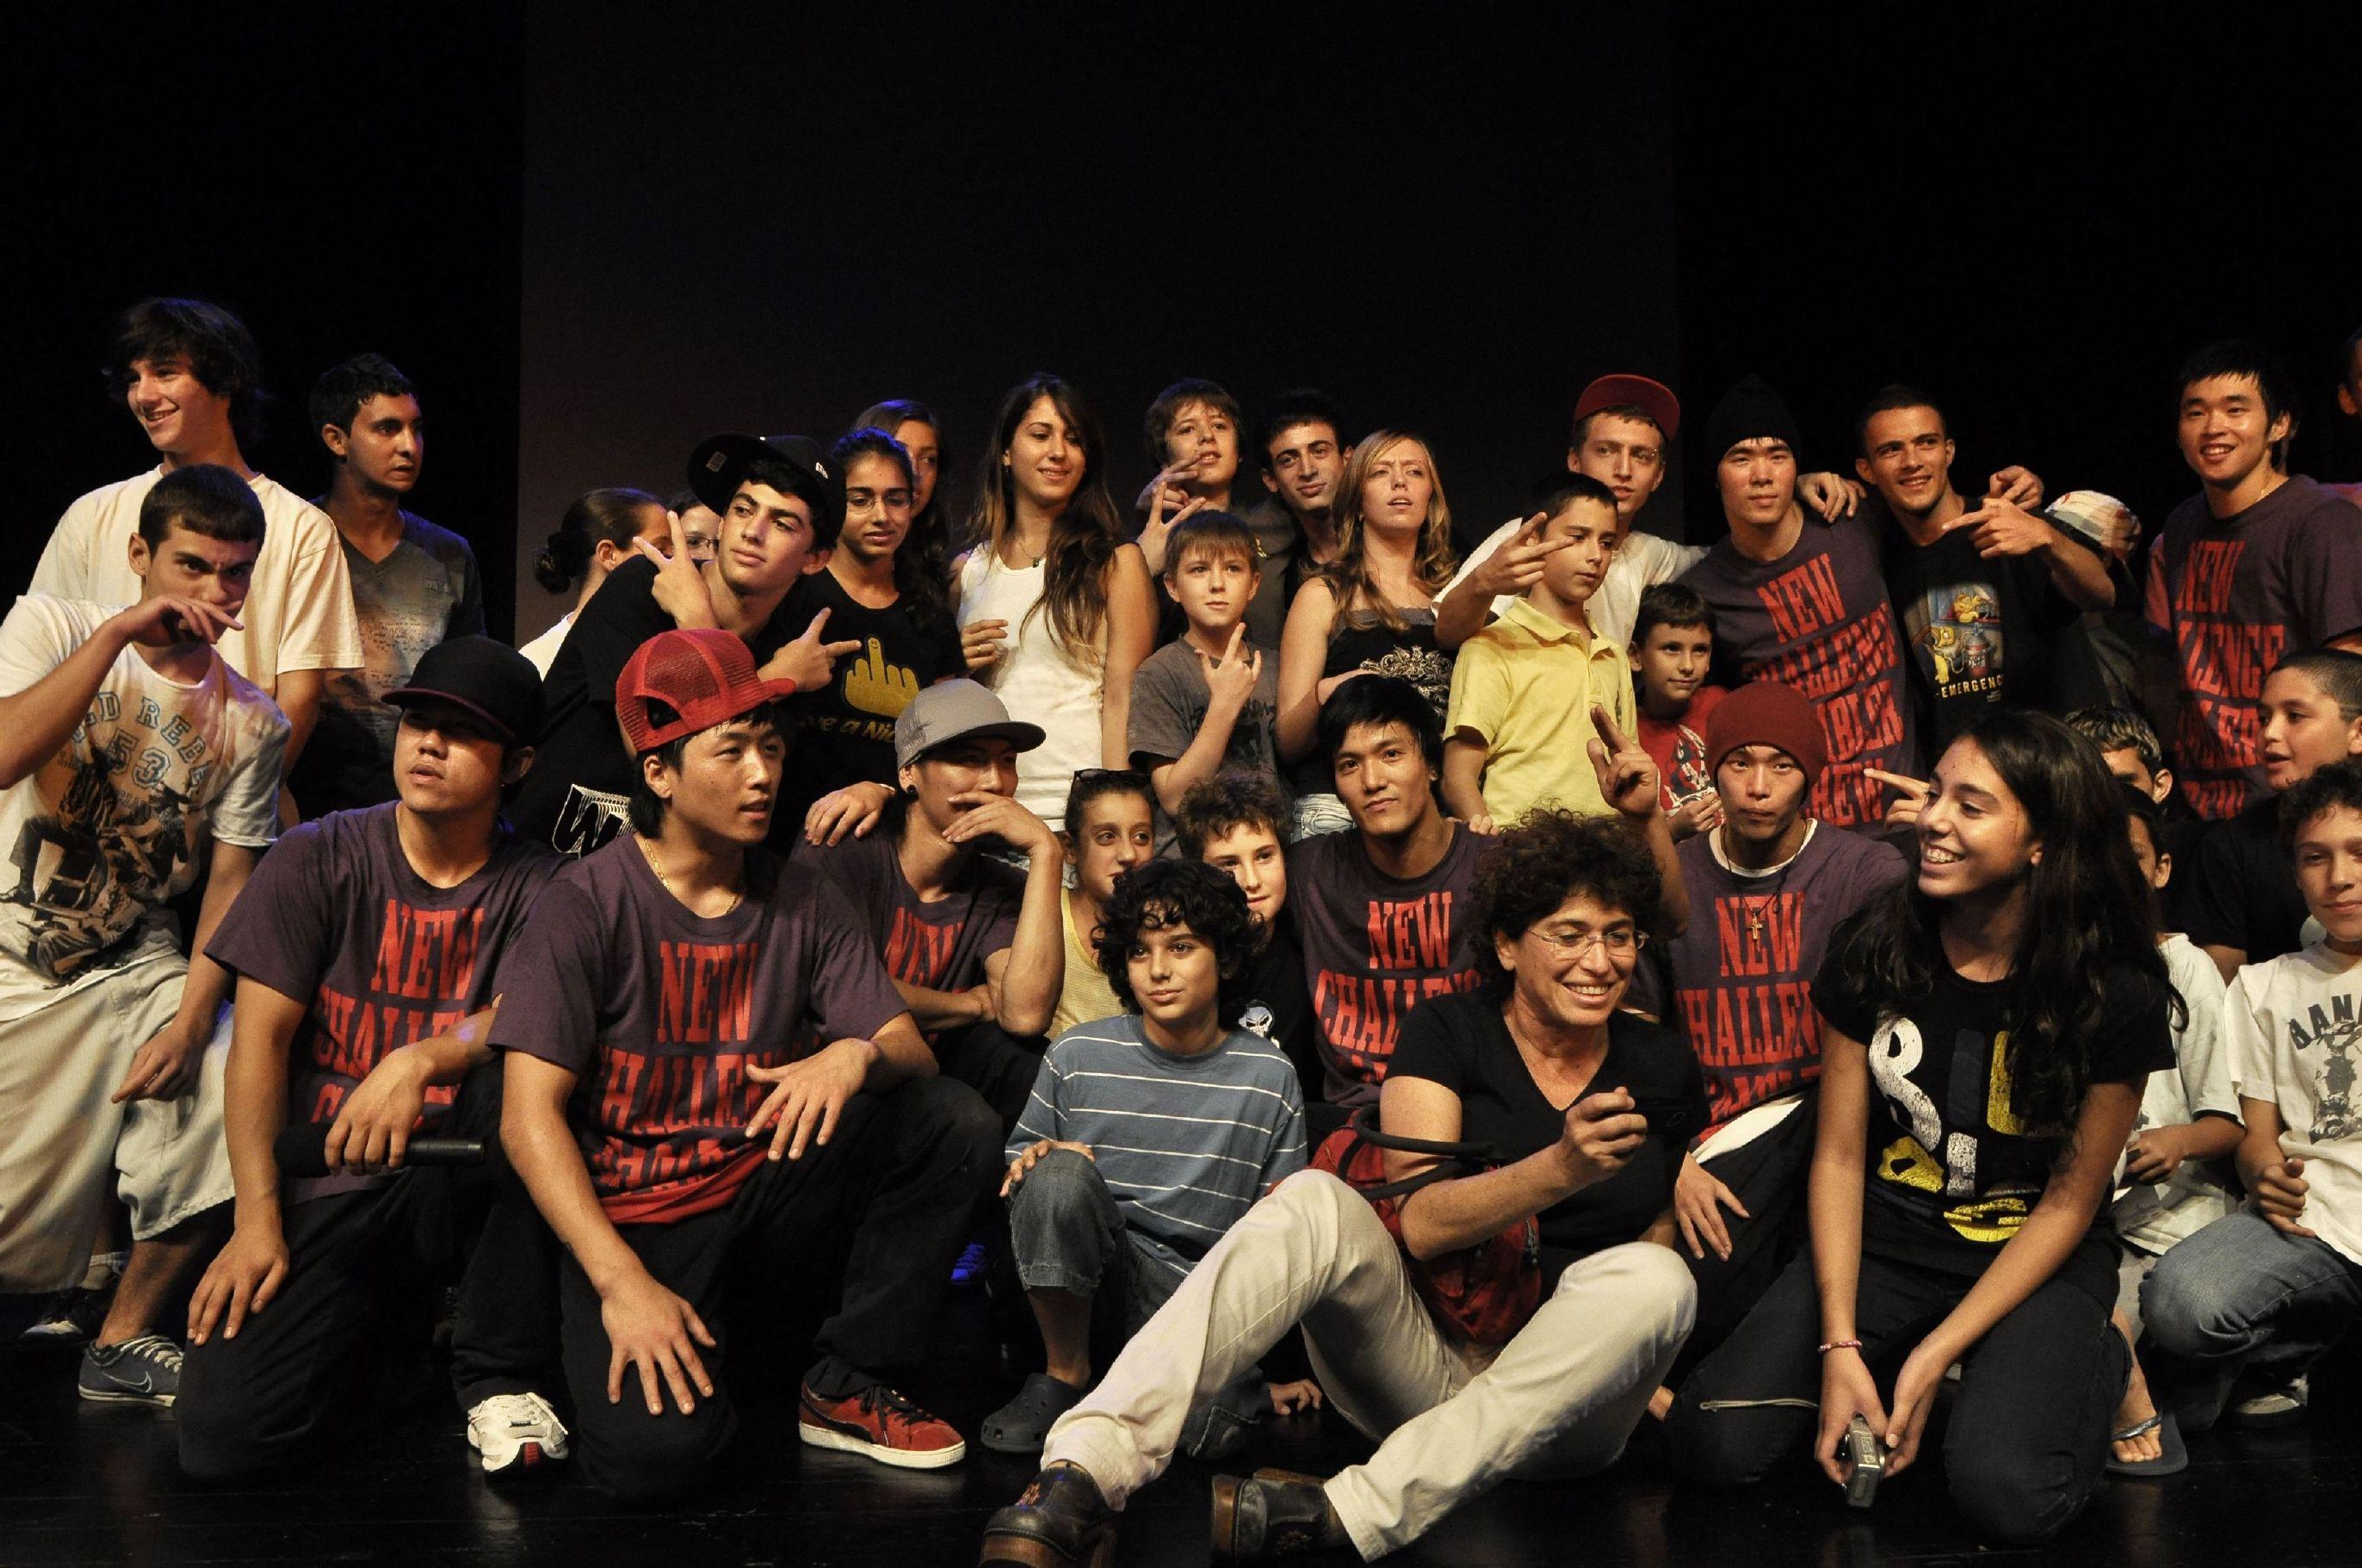 BOTY 2009 (589)